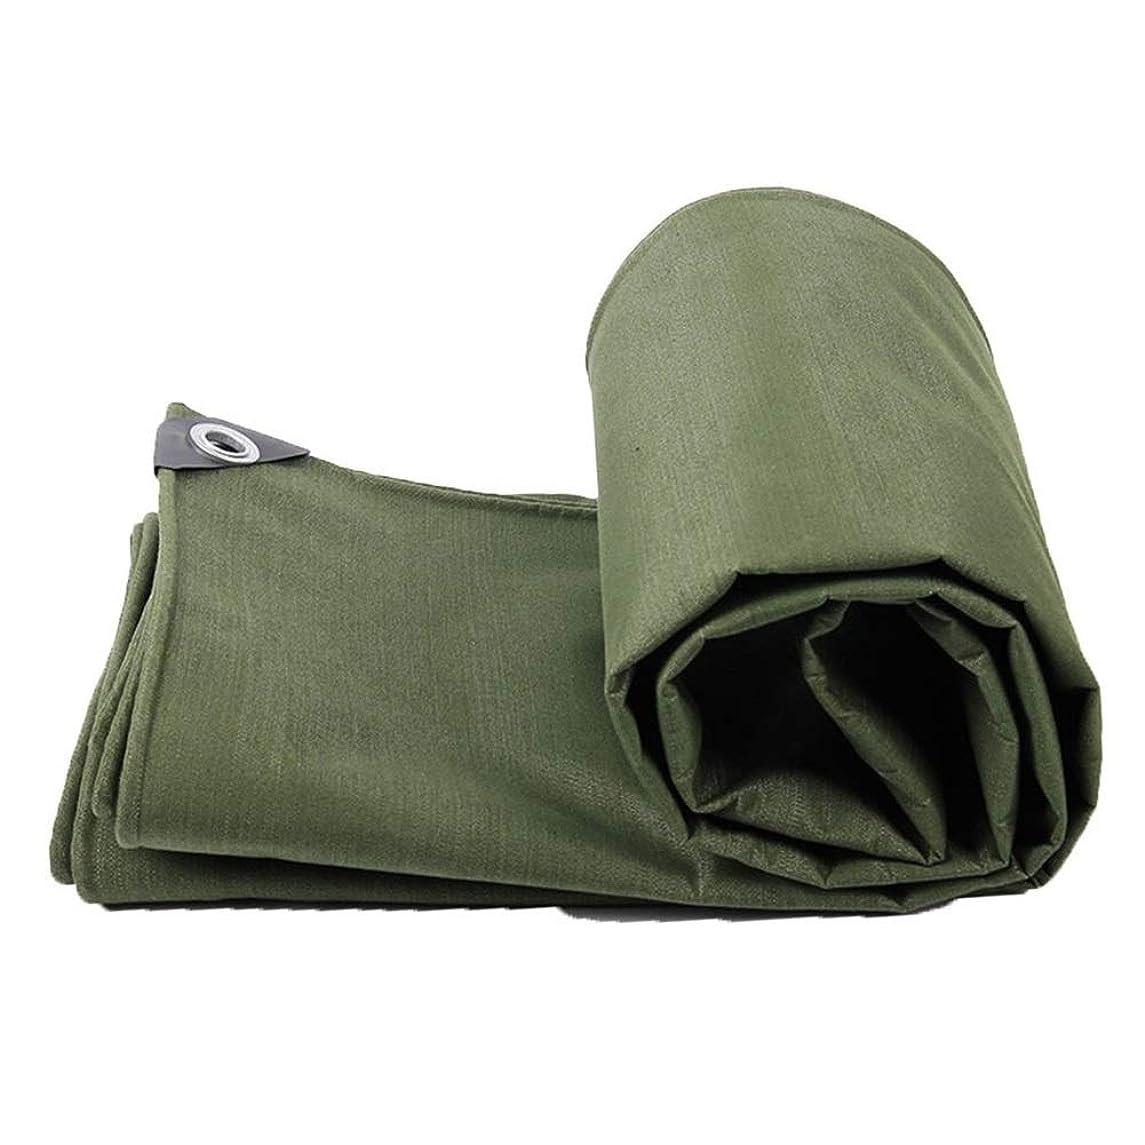 多数の参加するシンプトンLCAIHUA 防水シート耐摩耗性防錆ボタンホール暗号化された布トラックアウトドア、15サイズ (Color : Green, Size : 4X6m)